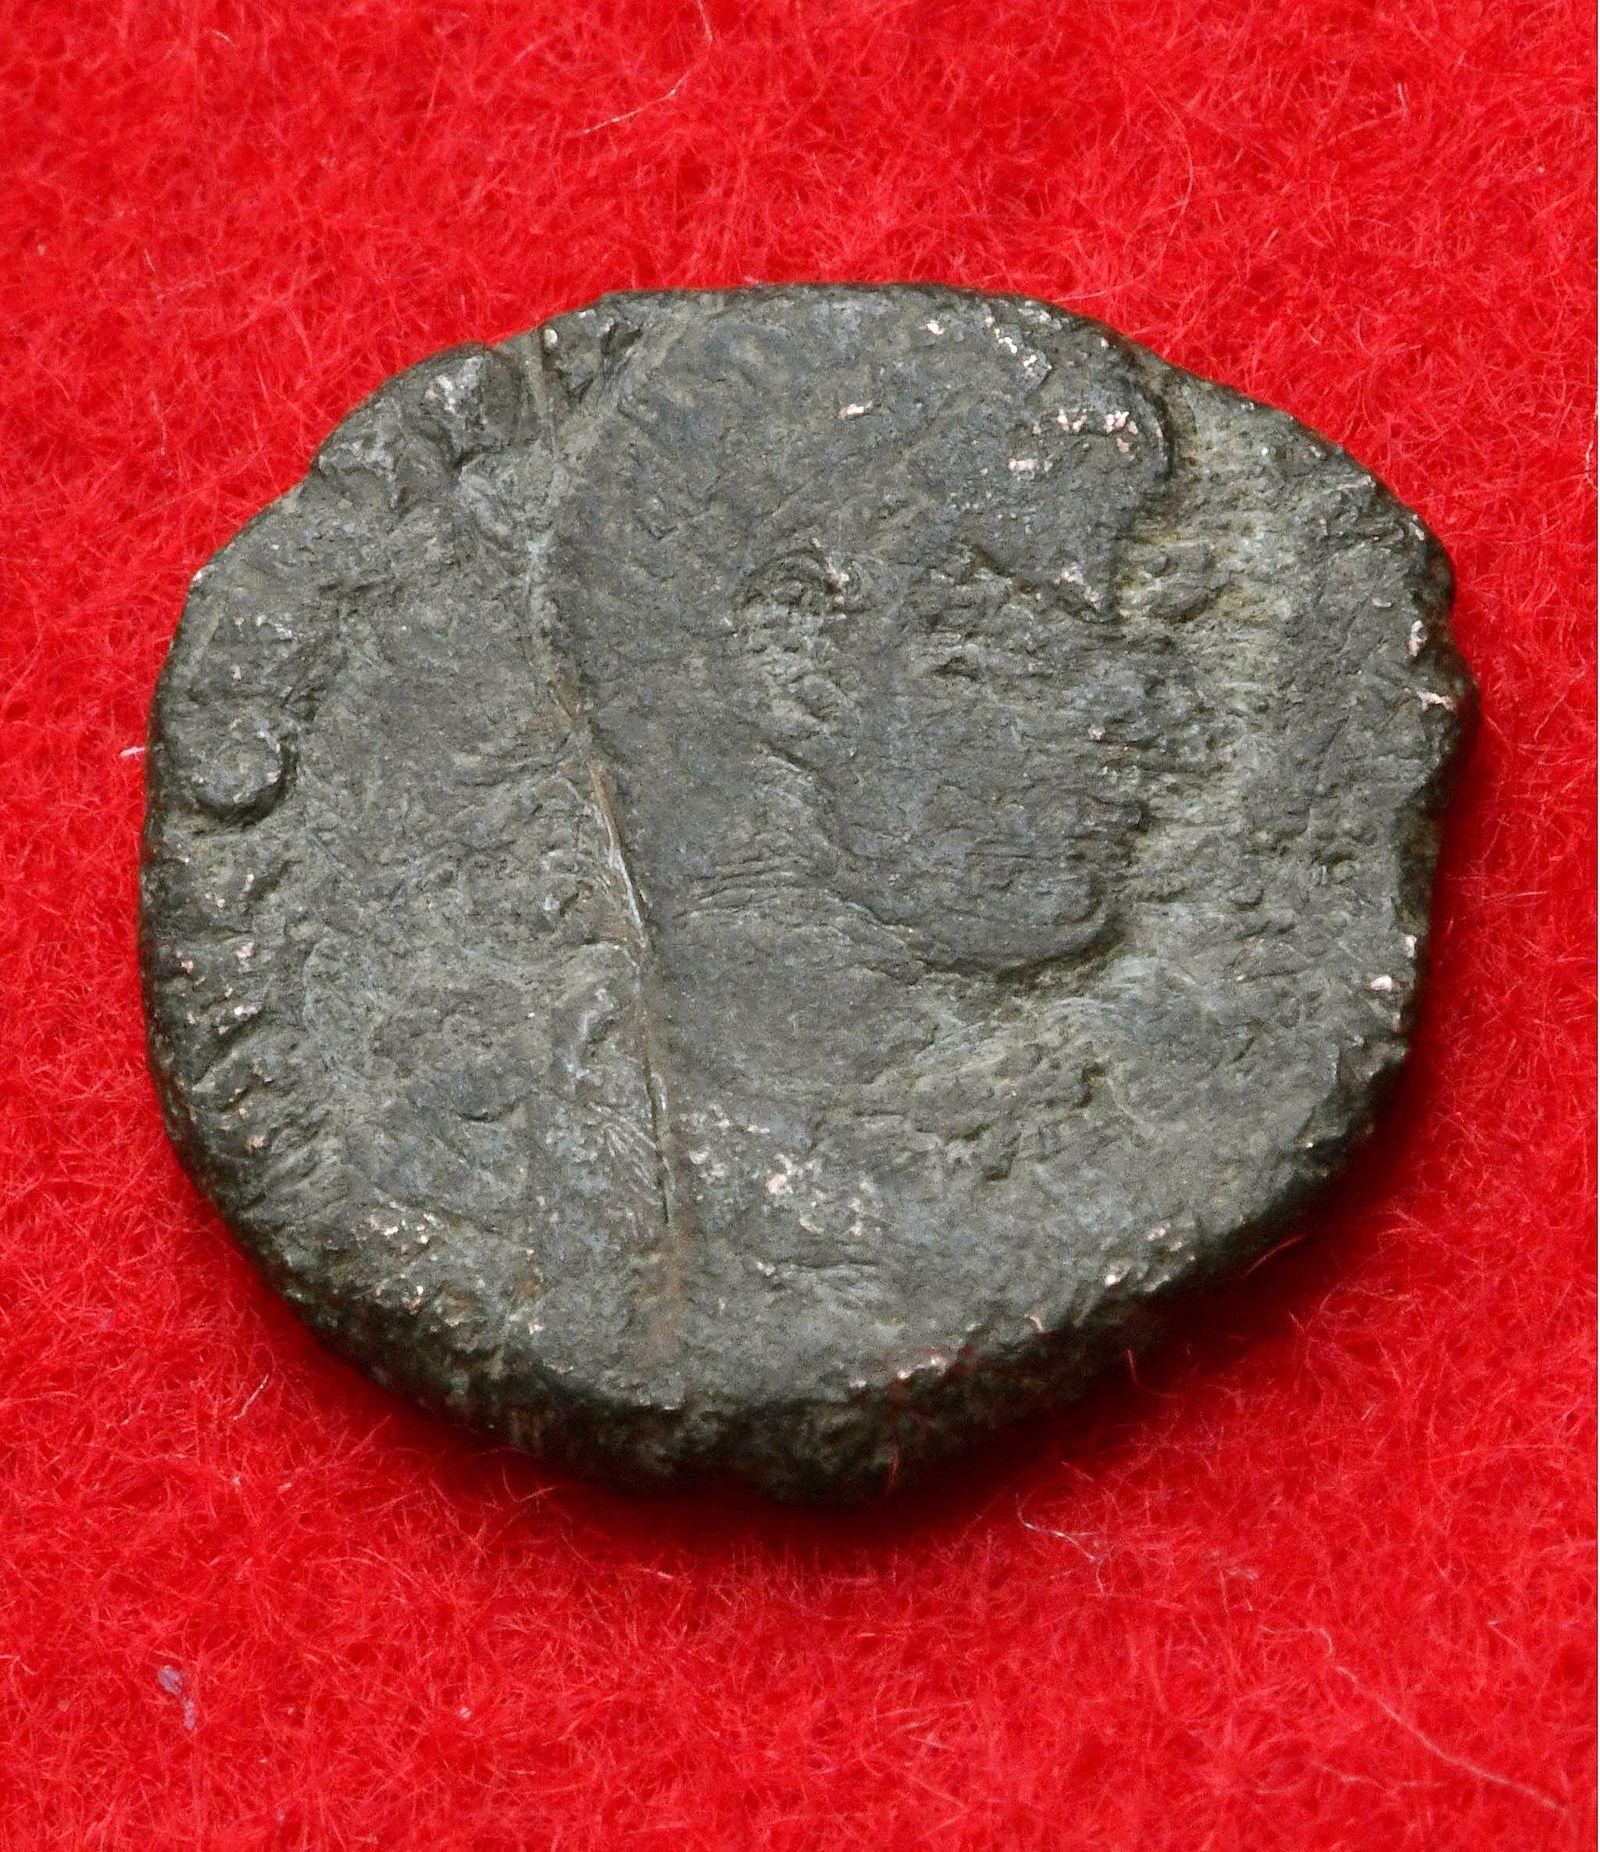 EINMALIGE VERWENDUNG Römische Münze